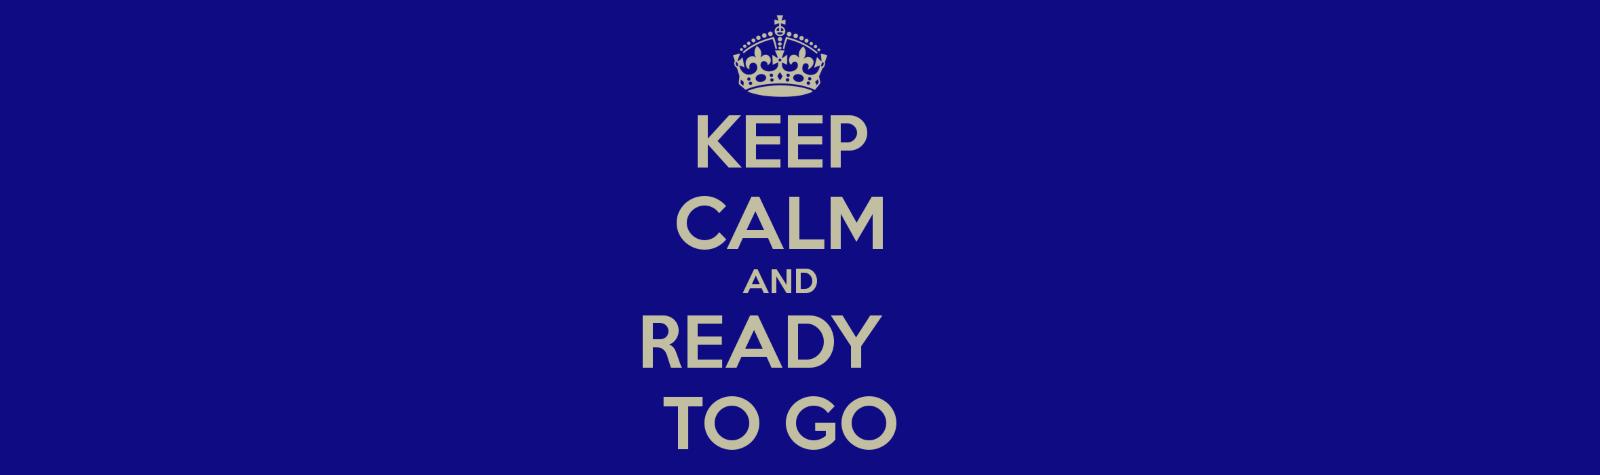 Przyśpieszamy #ReadyToGo